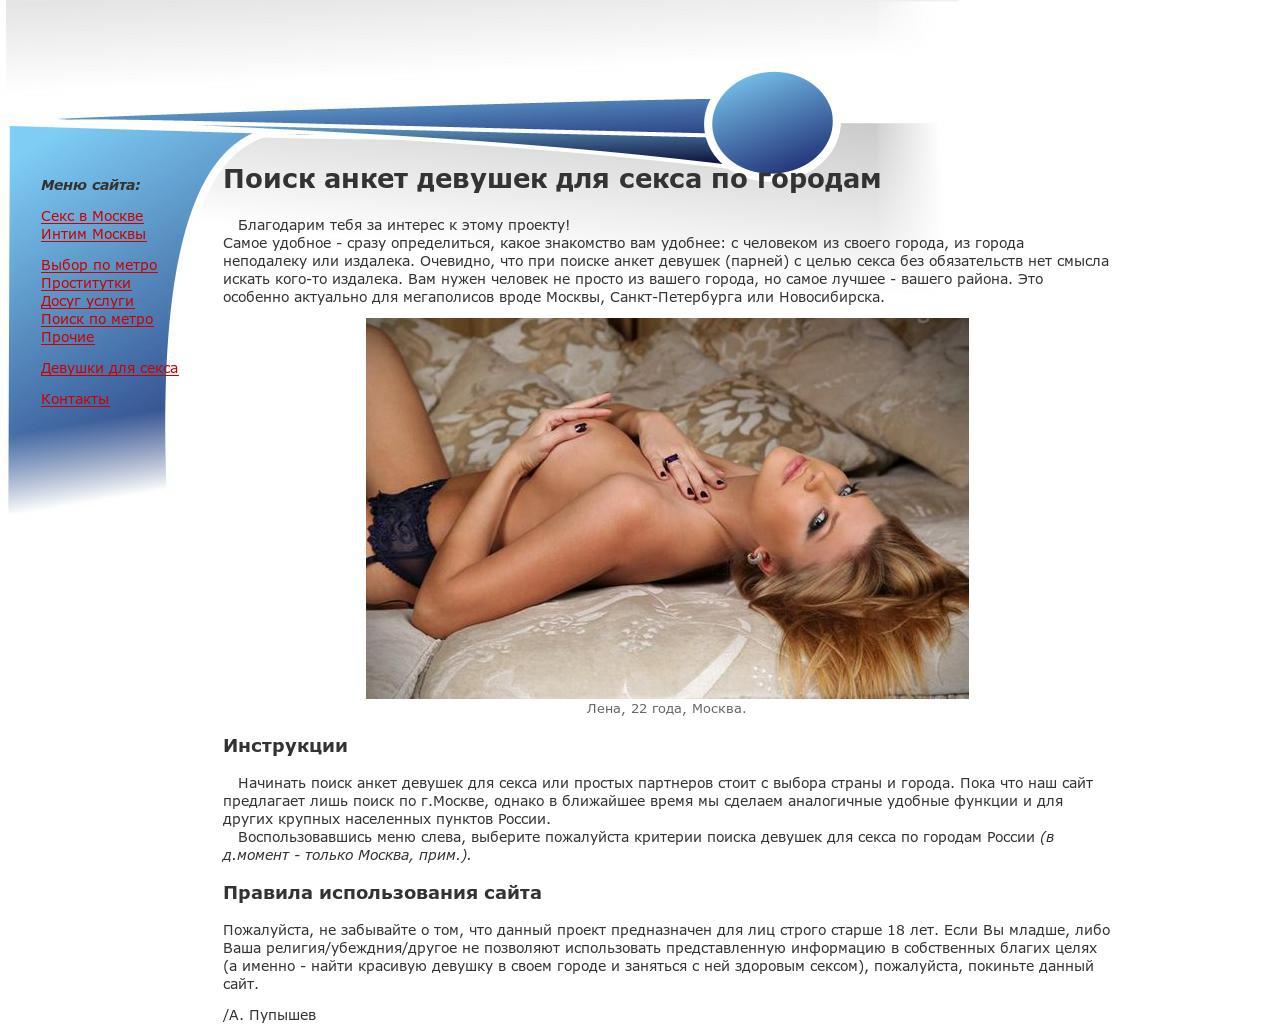 Сайты Для Знакомств И Реального Секса